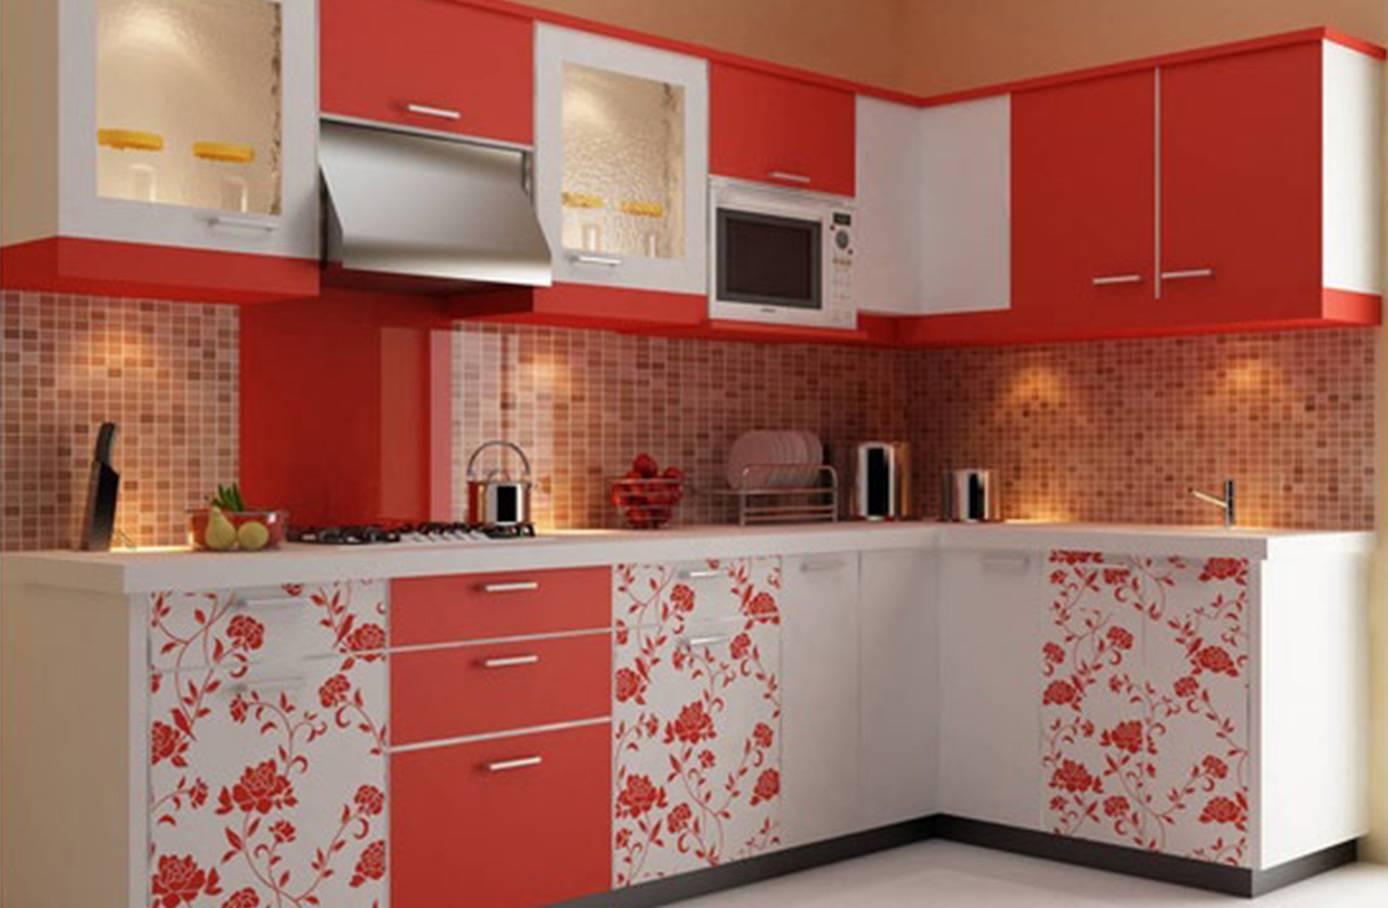 modular kitchen designs browse modular kitchens price list in delhi for modular kitchen in india GPJHZKO